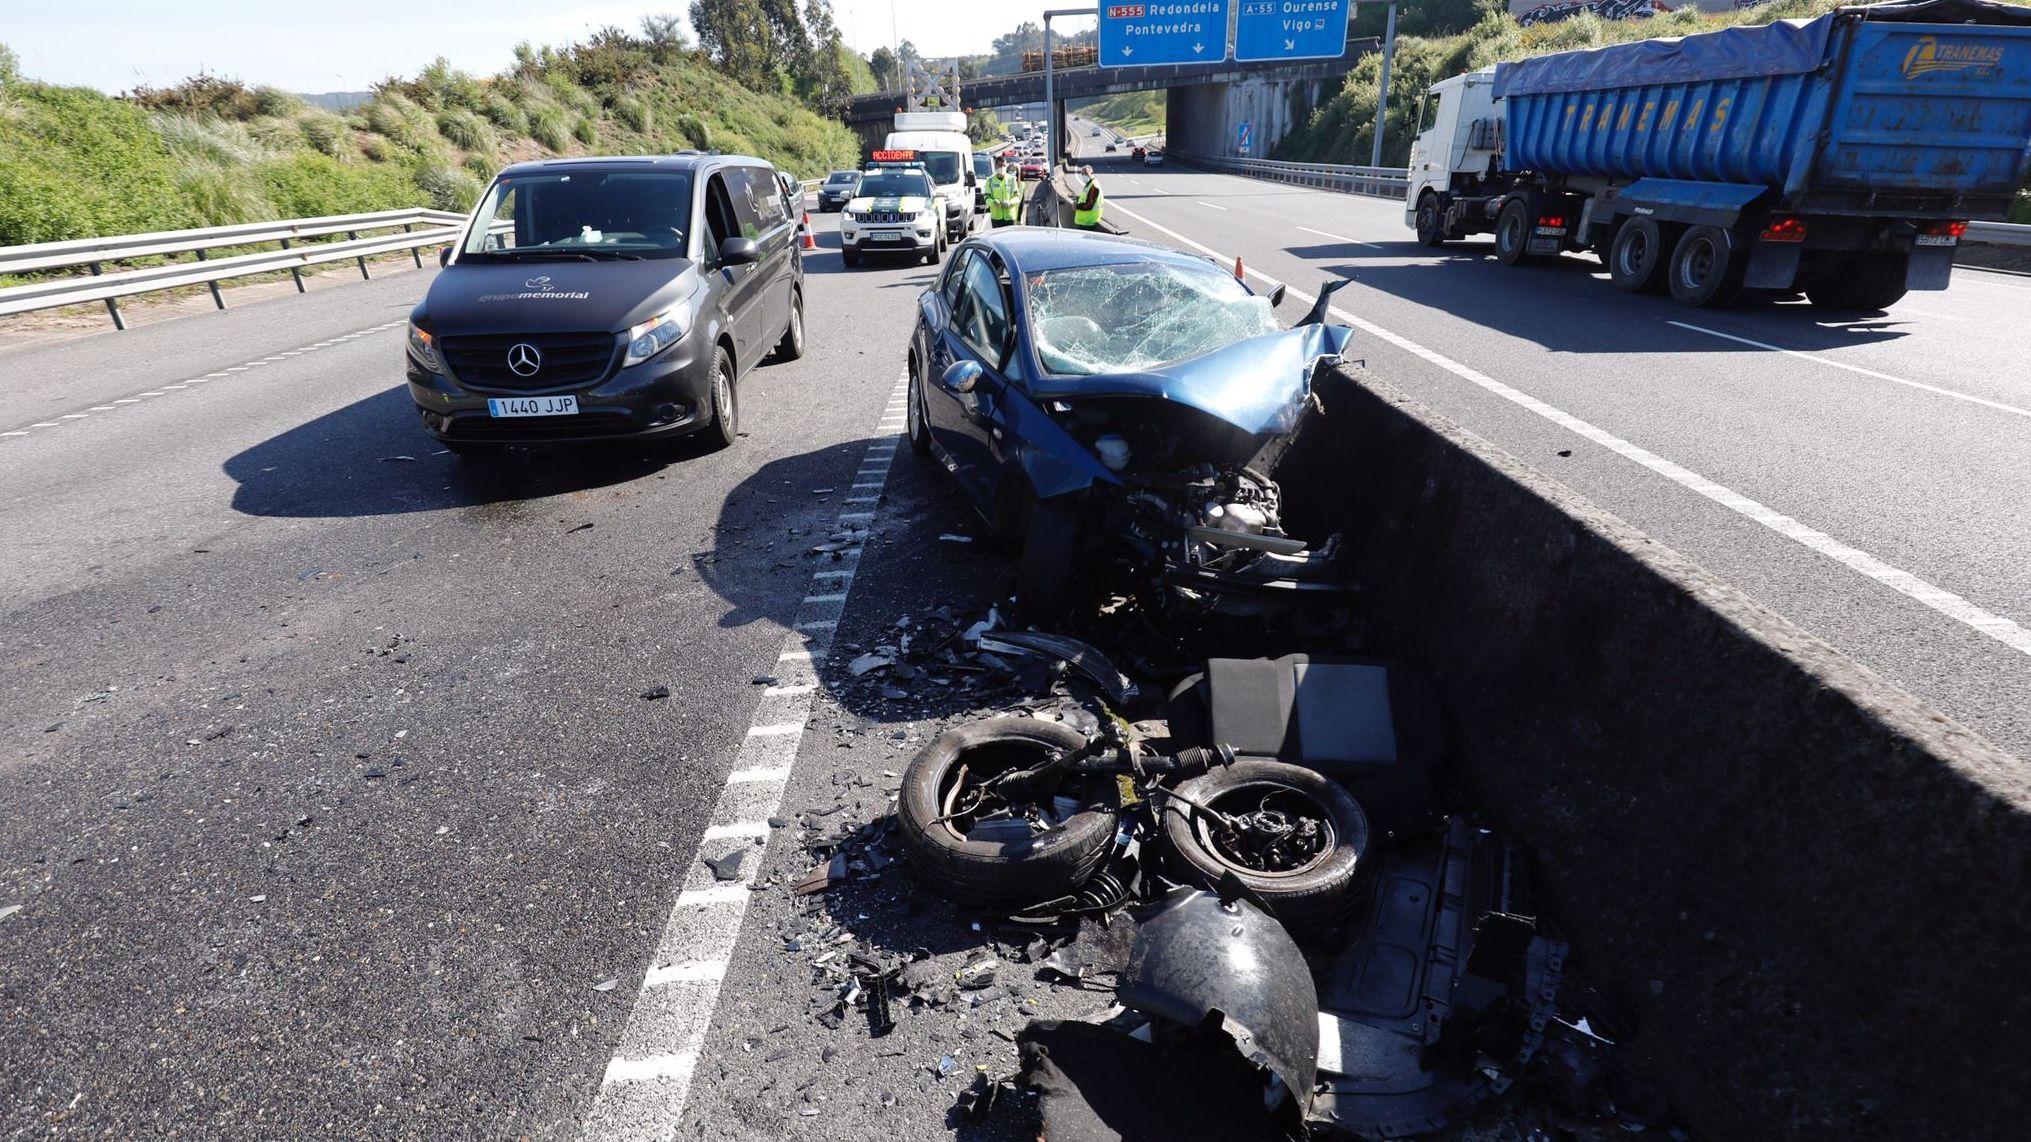 Choque frontal en la autopista en Vigo